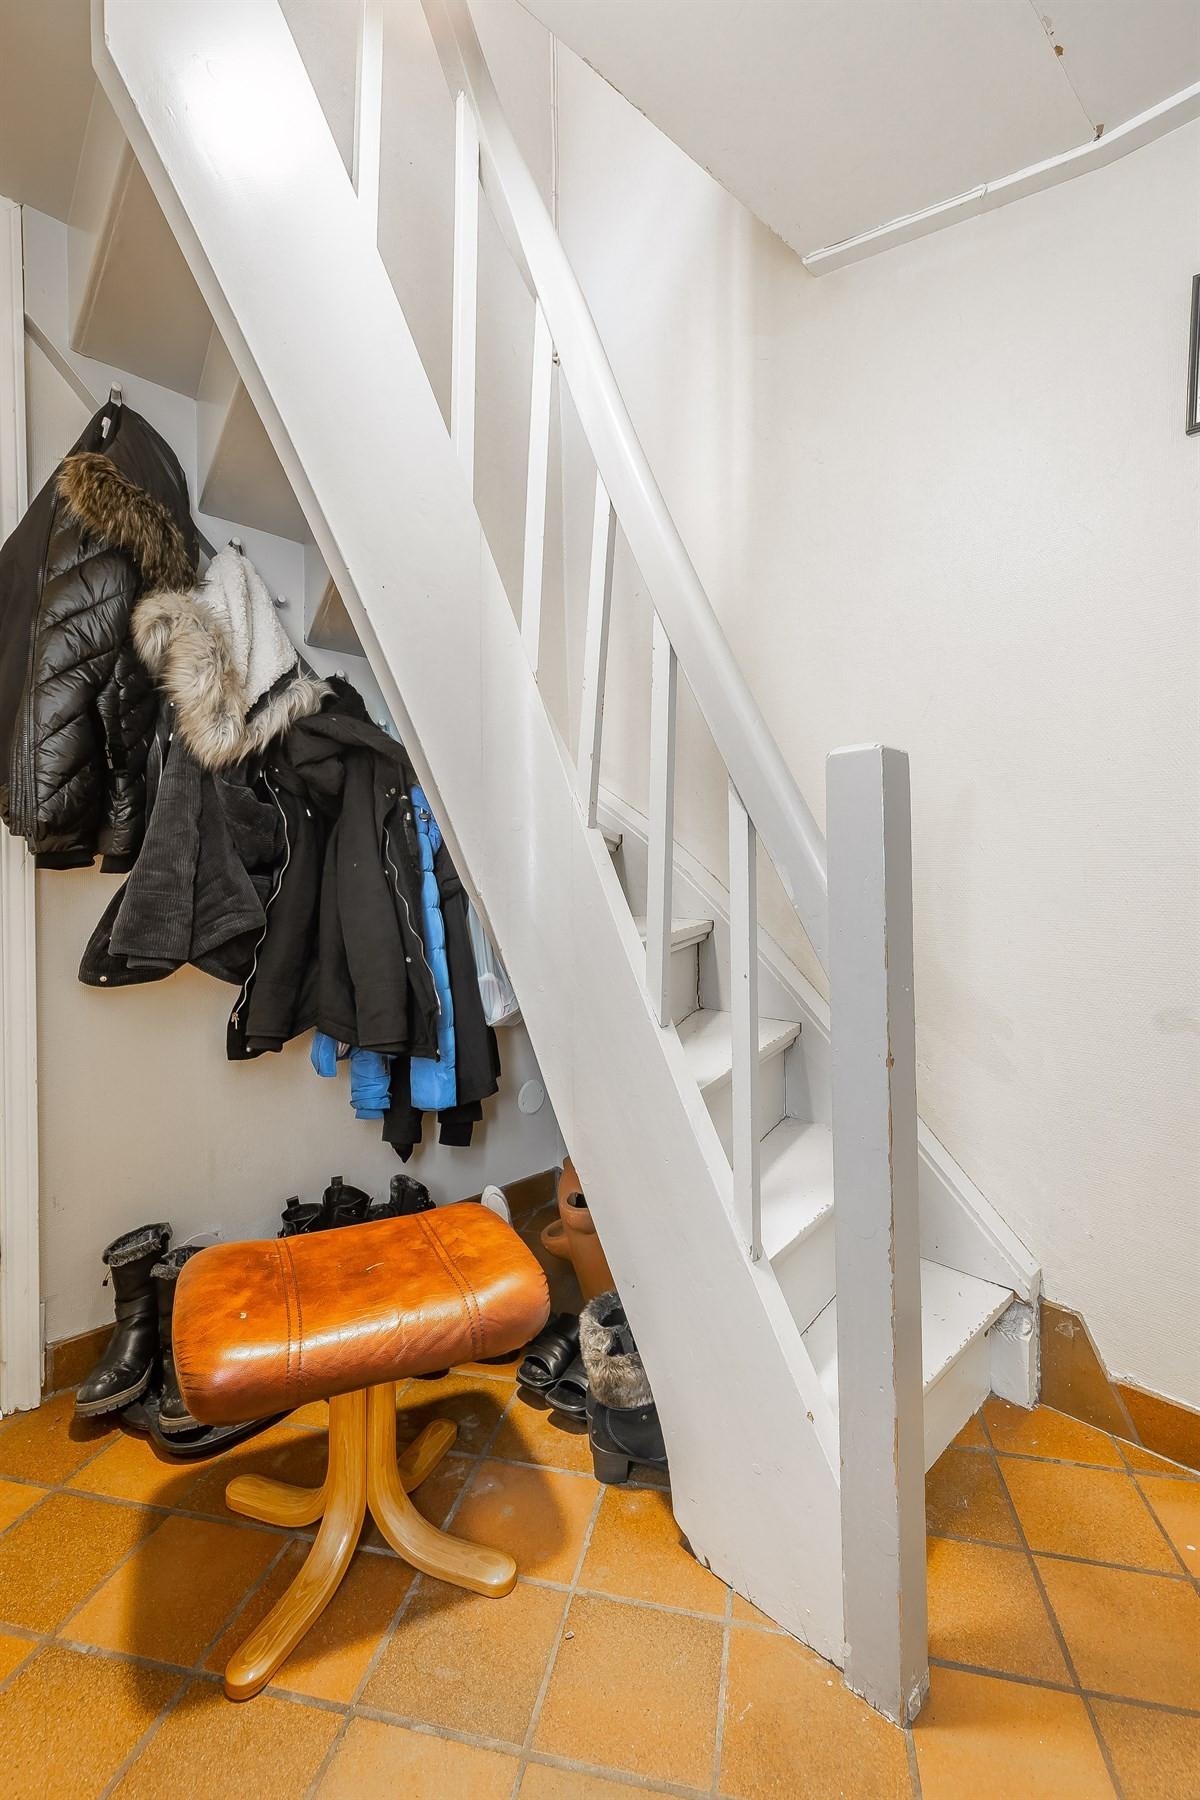 Leilighet 2. Inngangsparti med trapp. Bad til venstre